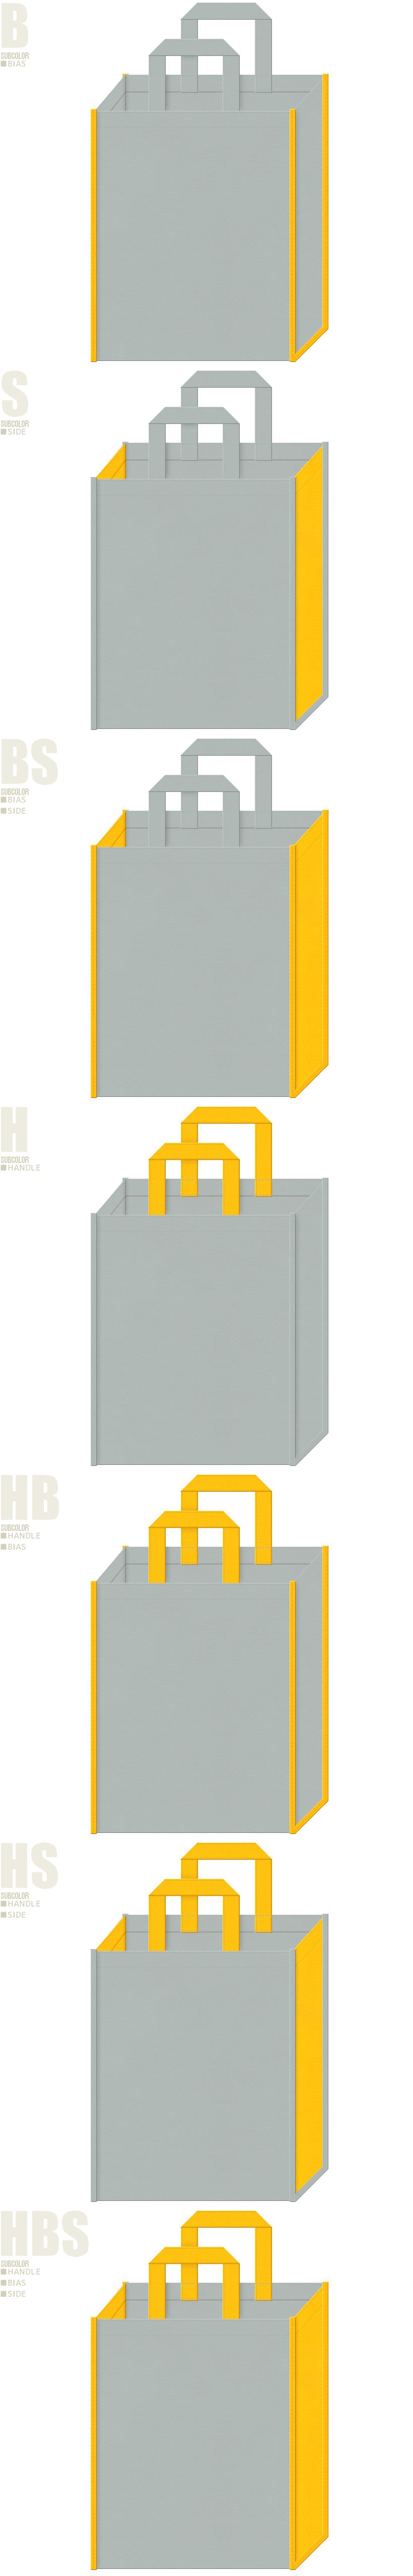 安全用品・ワーキングウェア・通信インフラ・照明器具・電気設備の展示会用バッグにお奨めの不織布バッグのデザイン:グレー色と黄色の配色7パターン